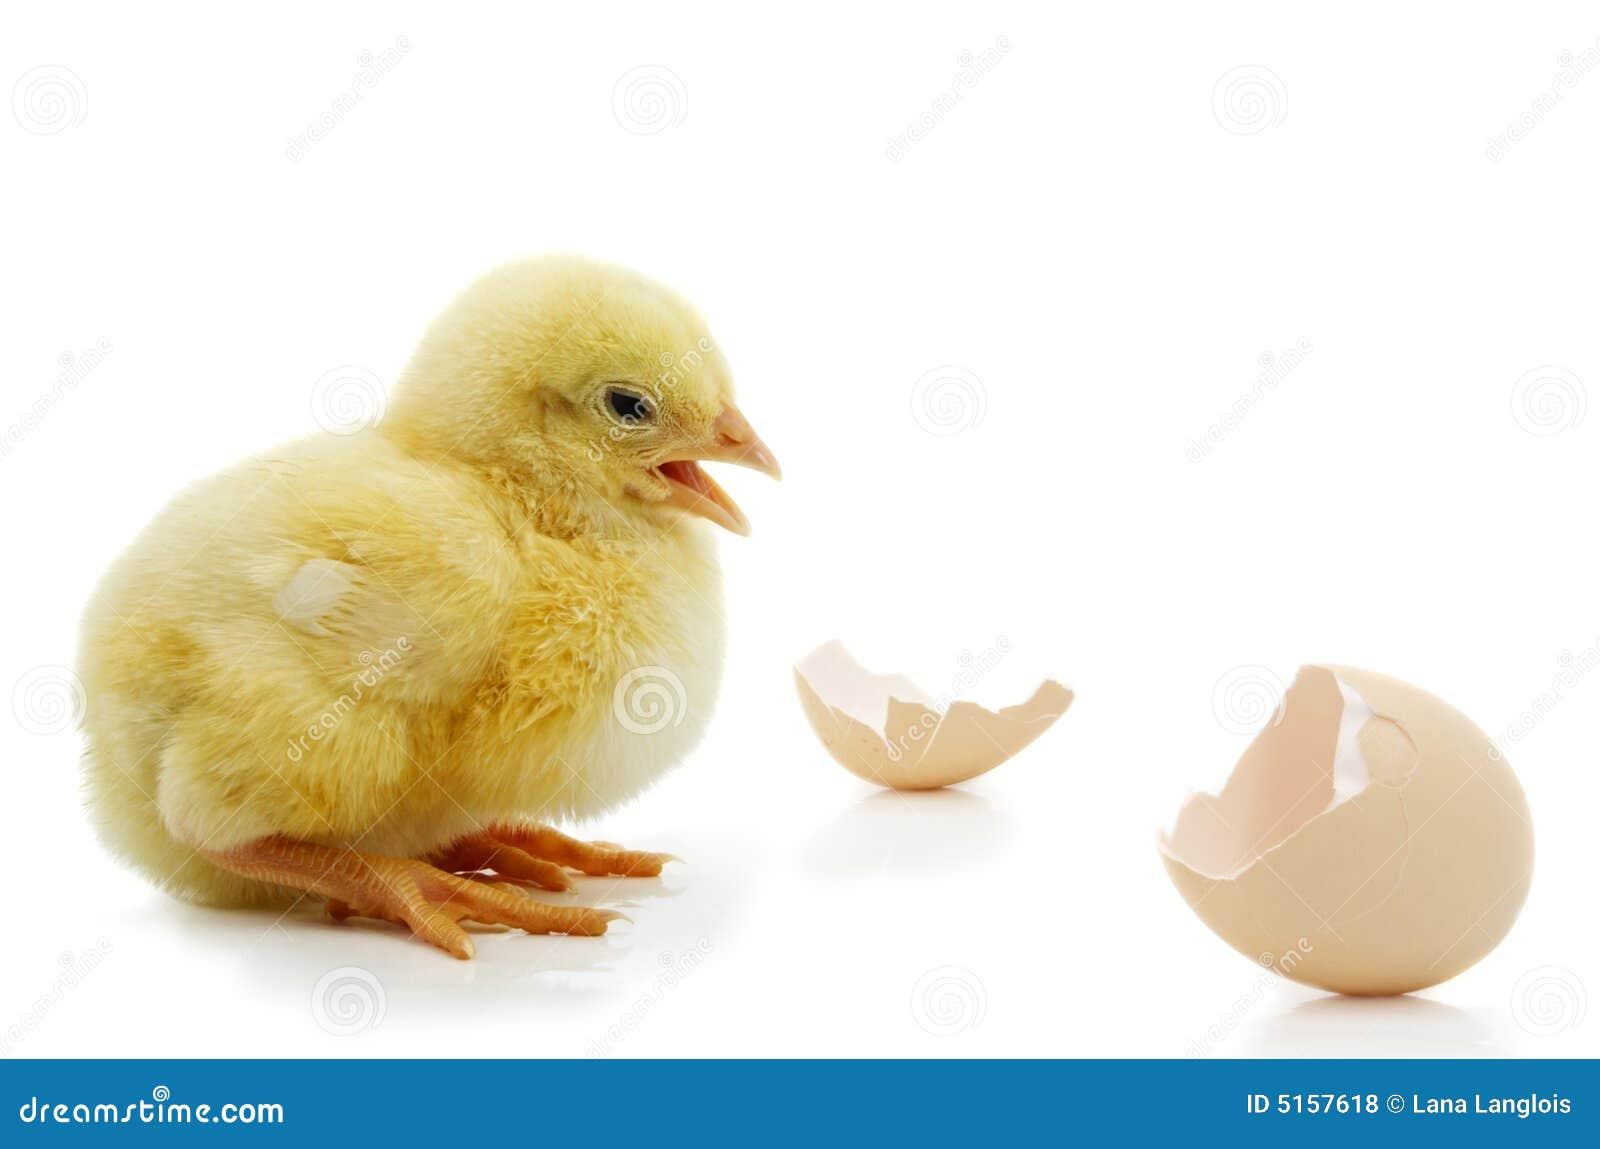 Cute chicken head chick sucks and fucks 4